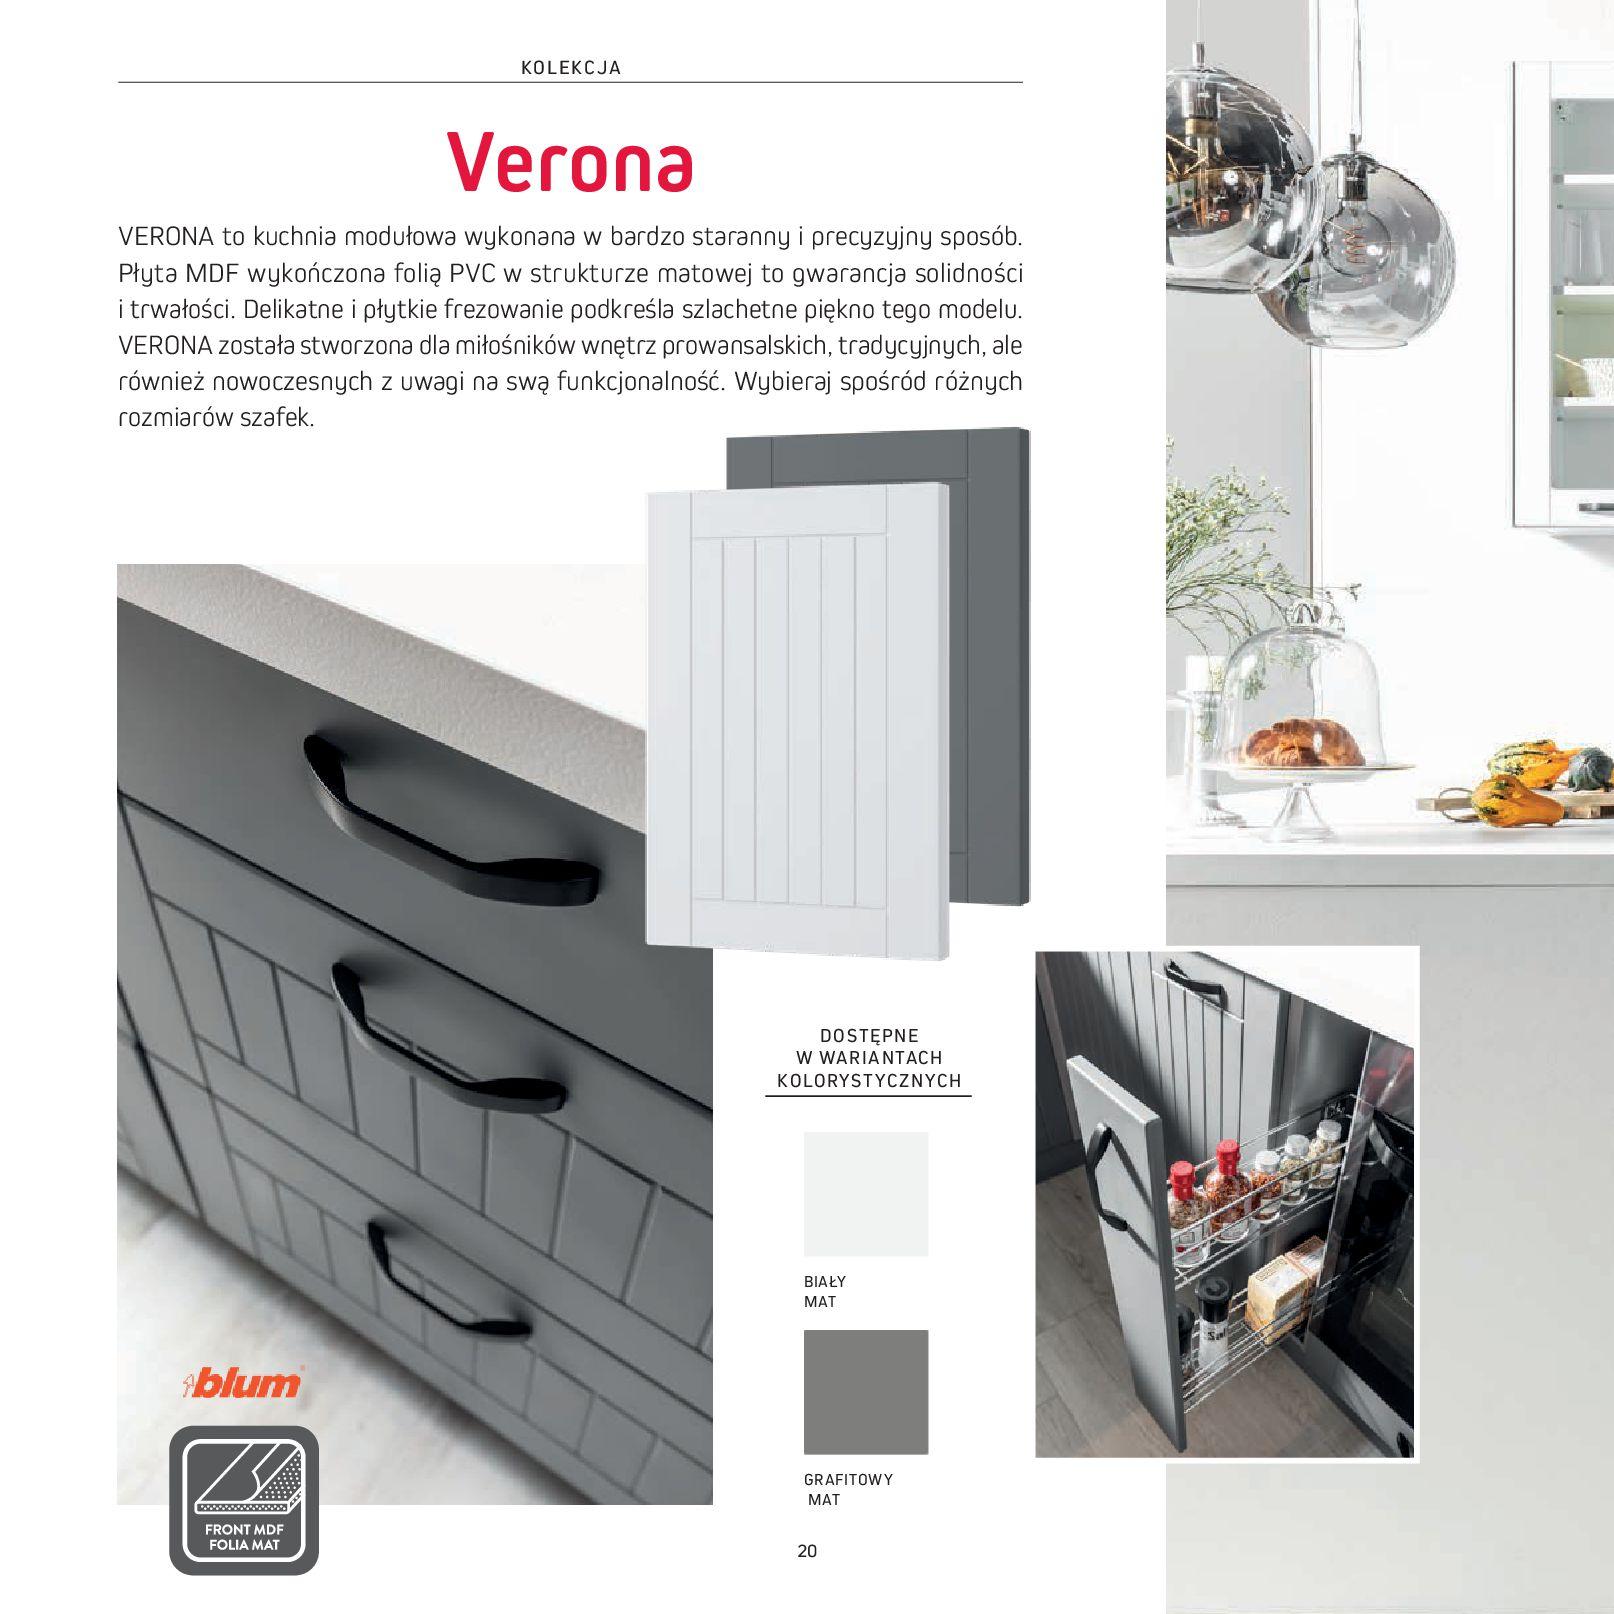 Gazetka Komfort: Gazetka Komfort - Katalog Kuchnie 2021 2021-06-16 page-22